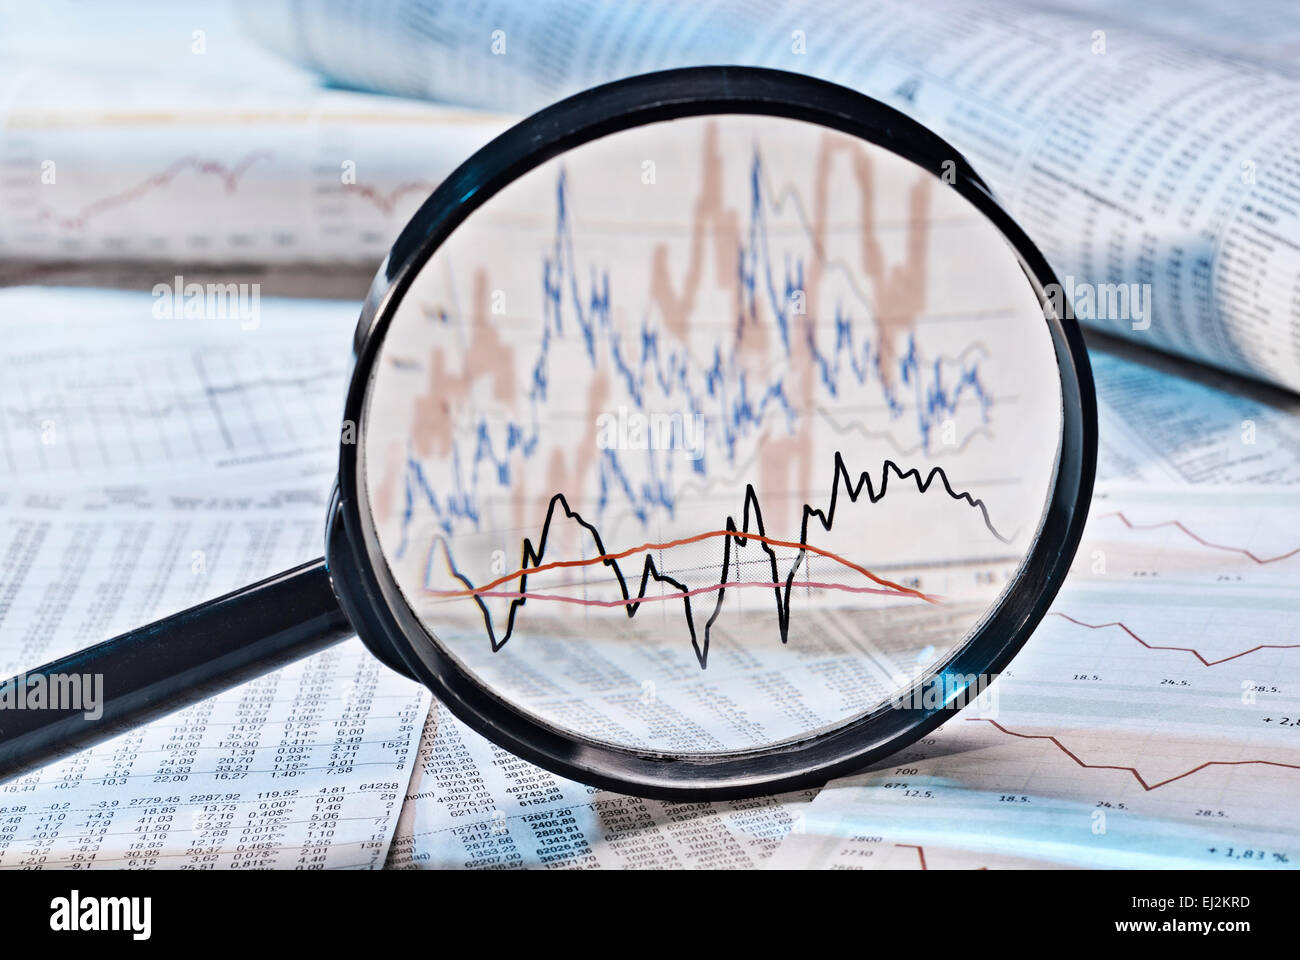 Lente di ingrandimento mostra grafici con condivisione dei prezzi. Immagini Stock